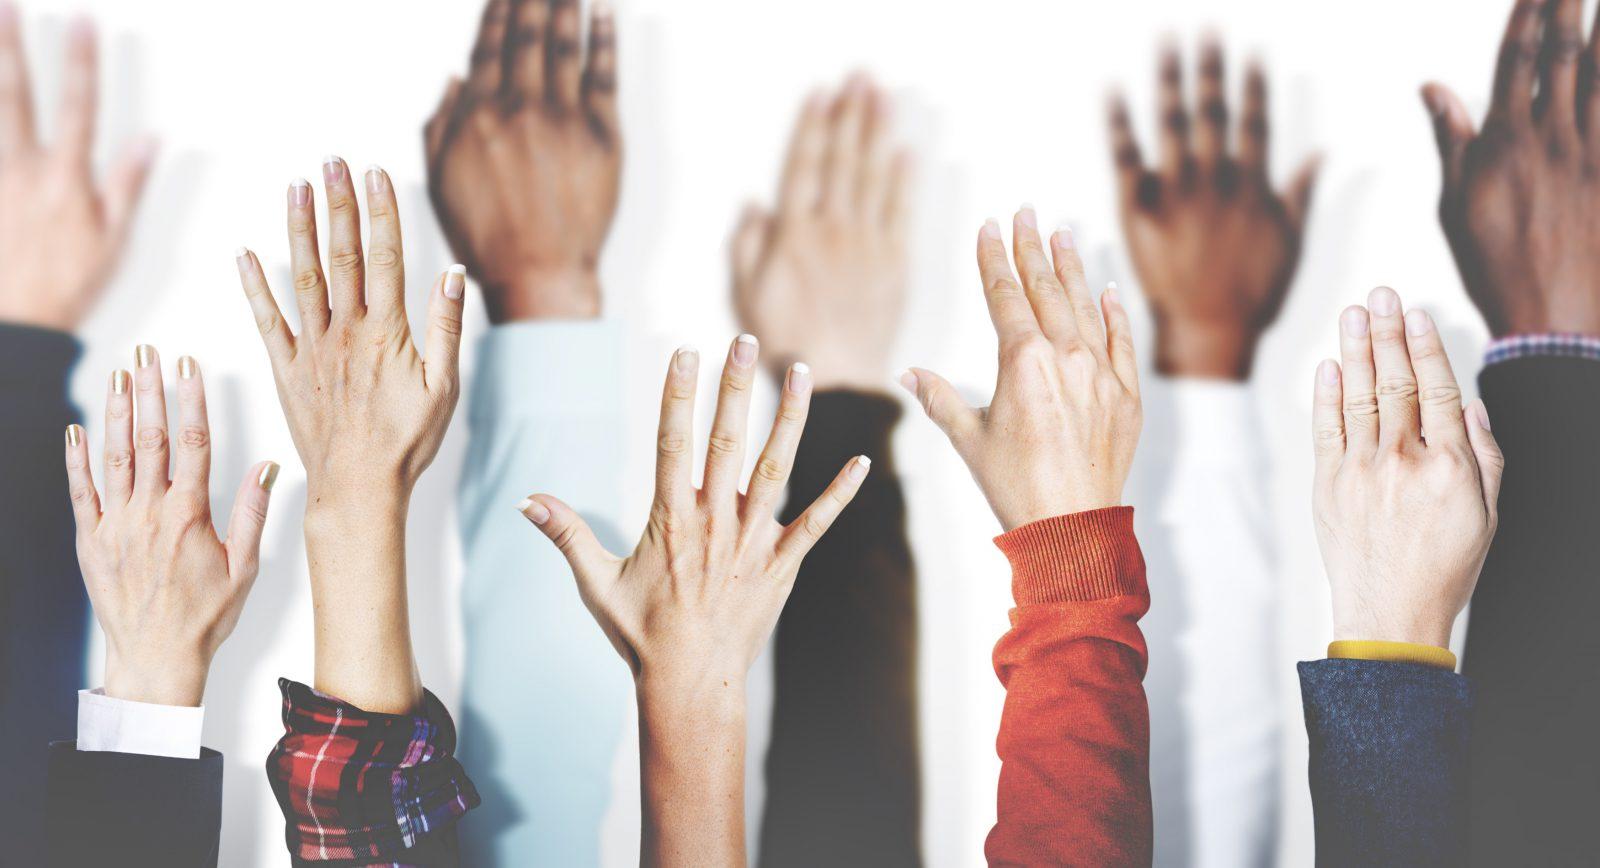 Diversità - Inclusione - Attenzione (Foto rawpixel.com) Imc